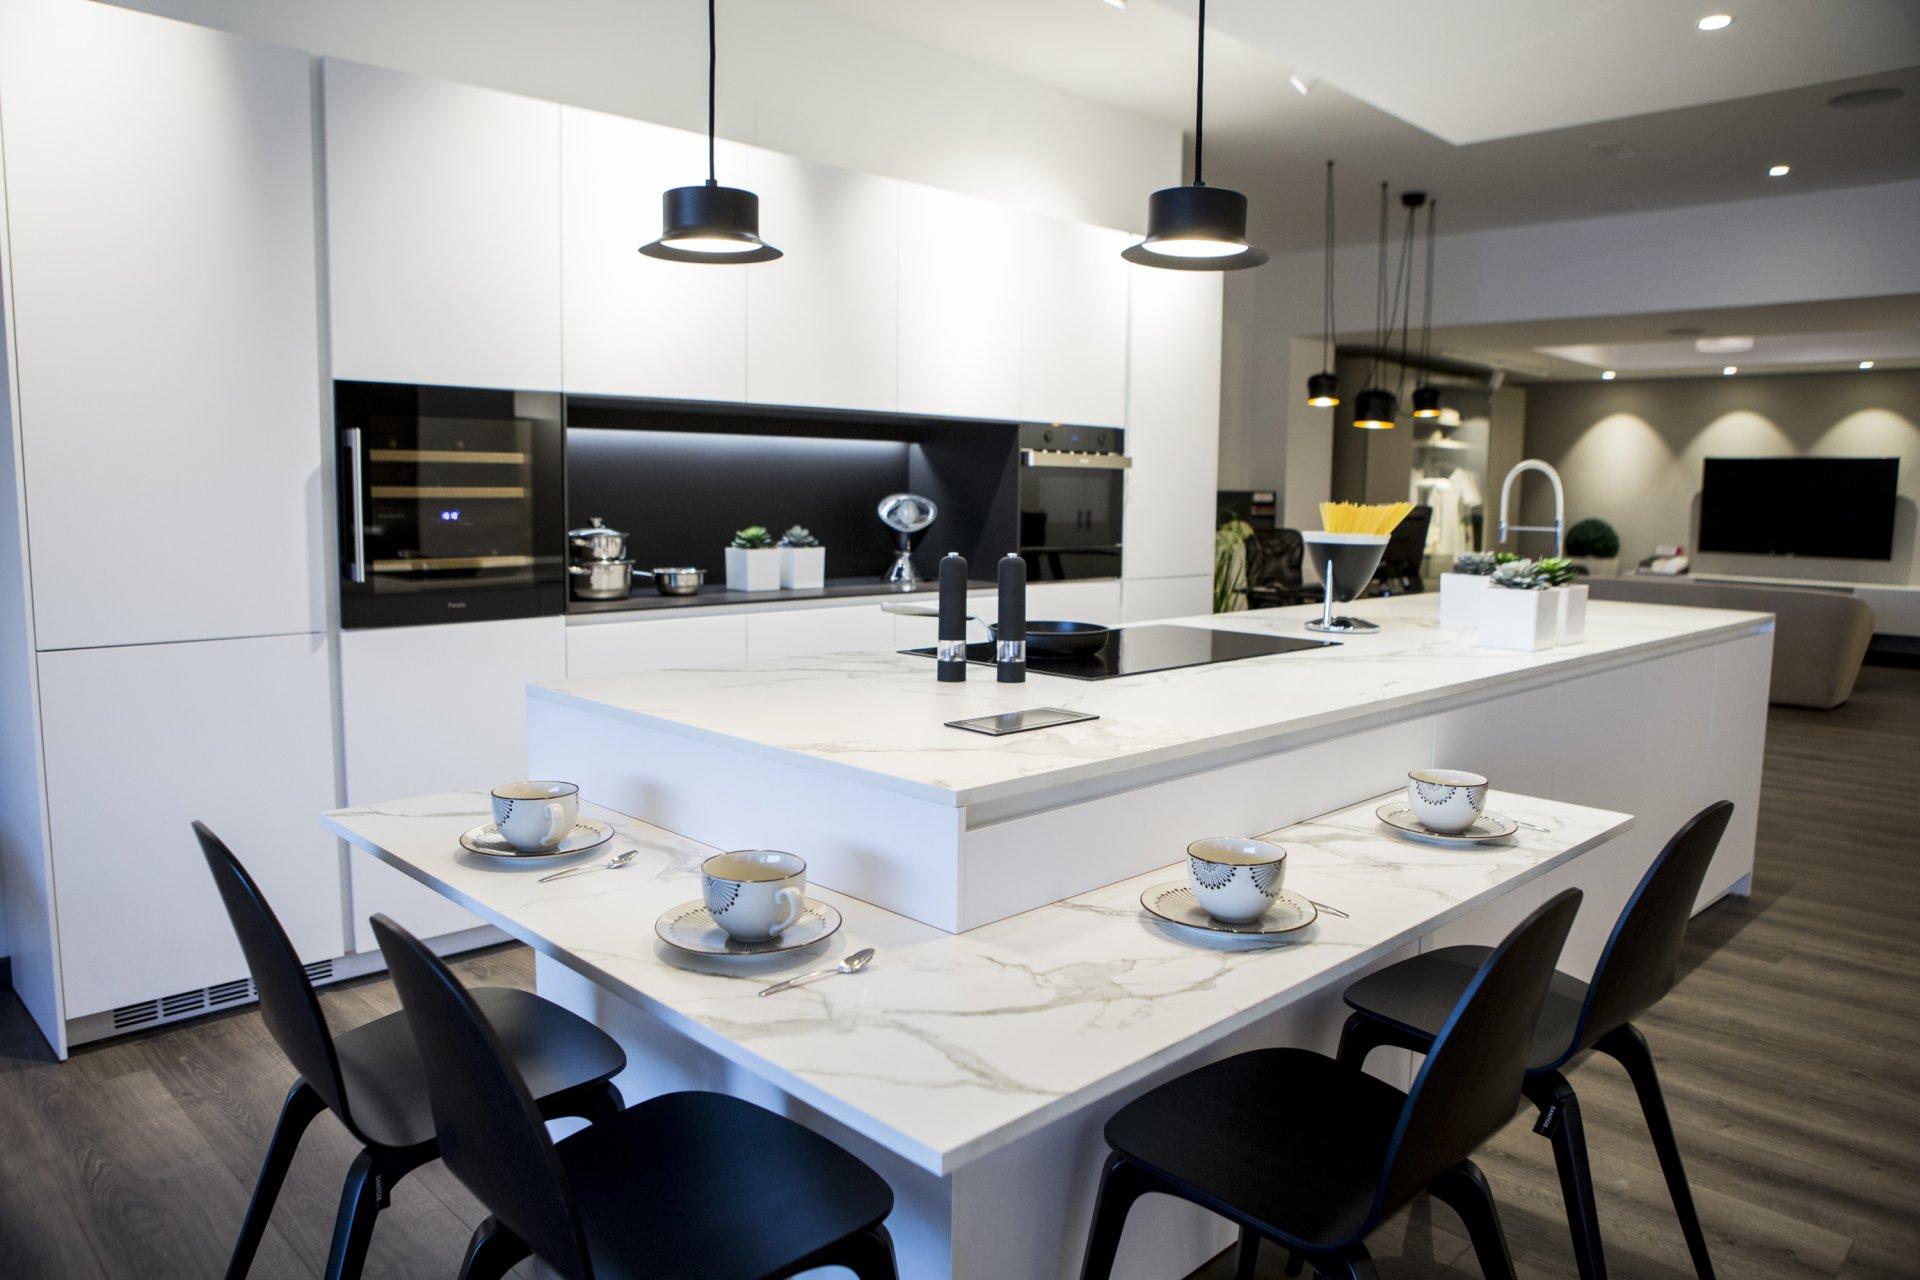 Estudio de cocinas SANTOS Alzira - KOOKERS